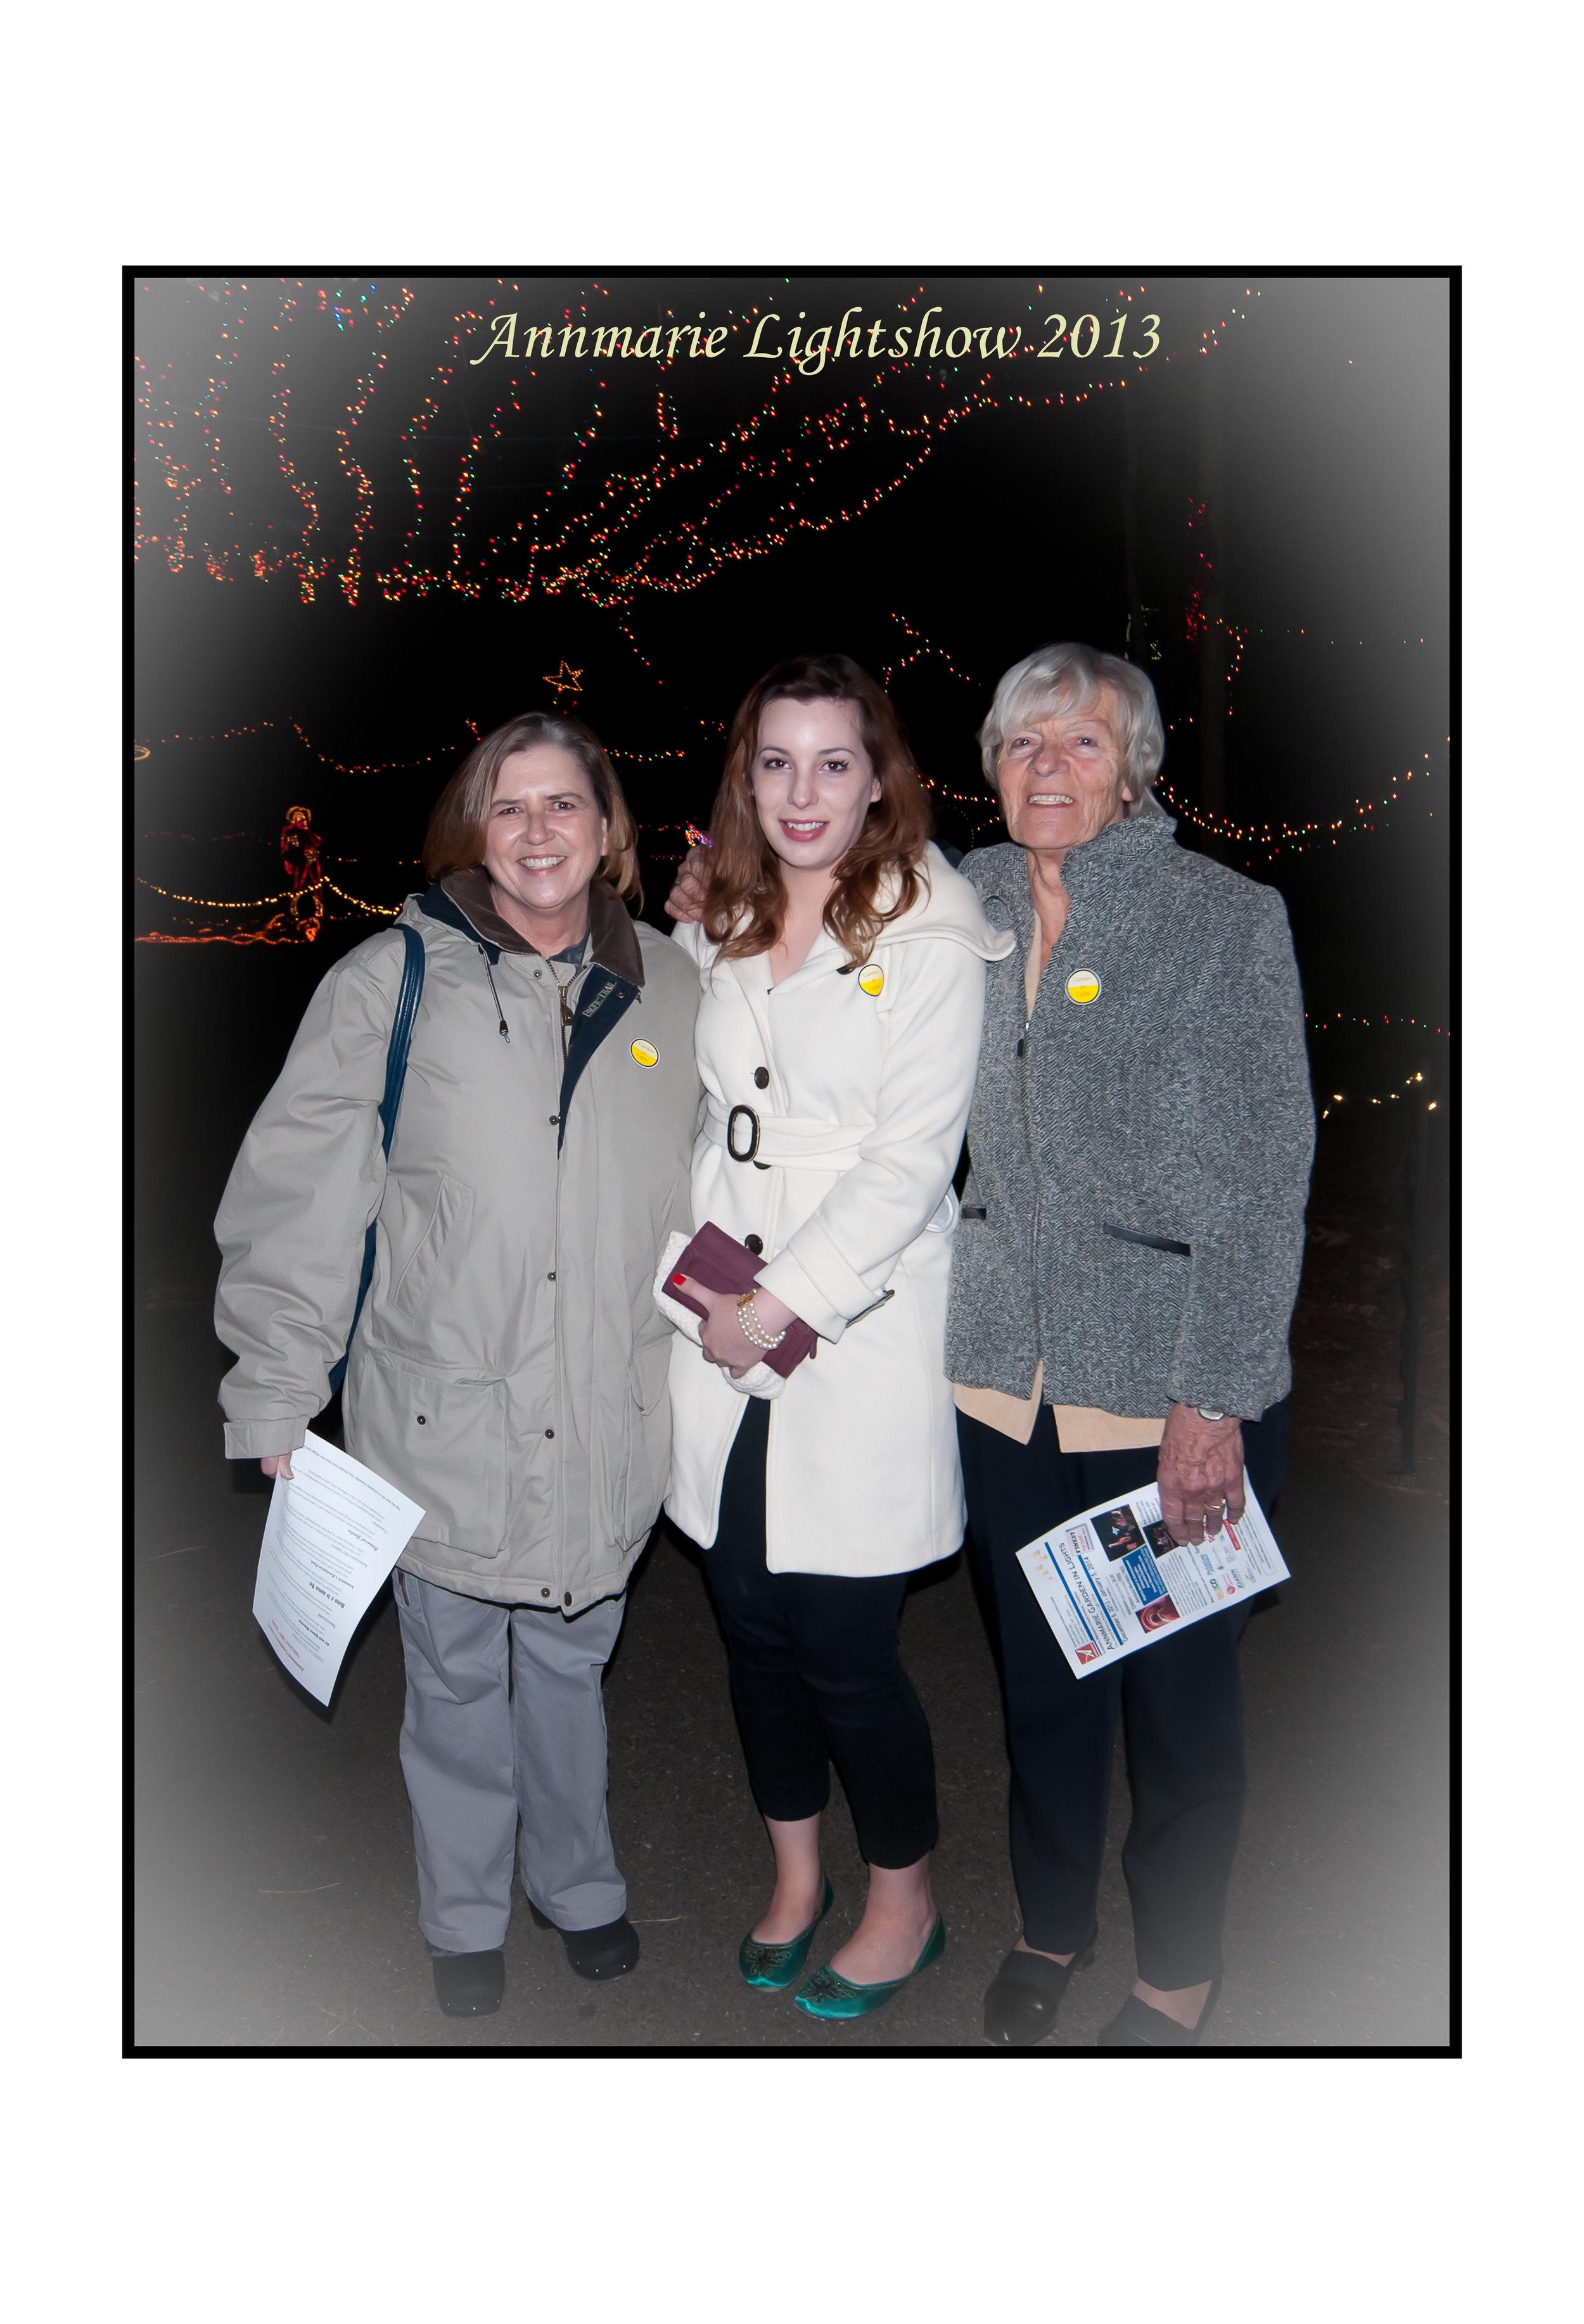 Annmarie Lightshow 2013.jpg